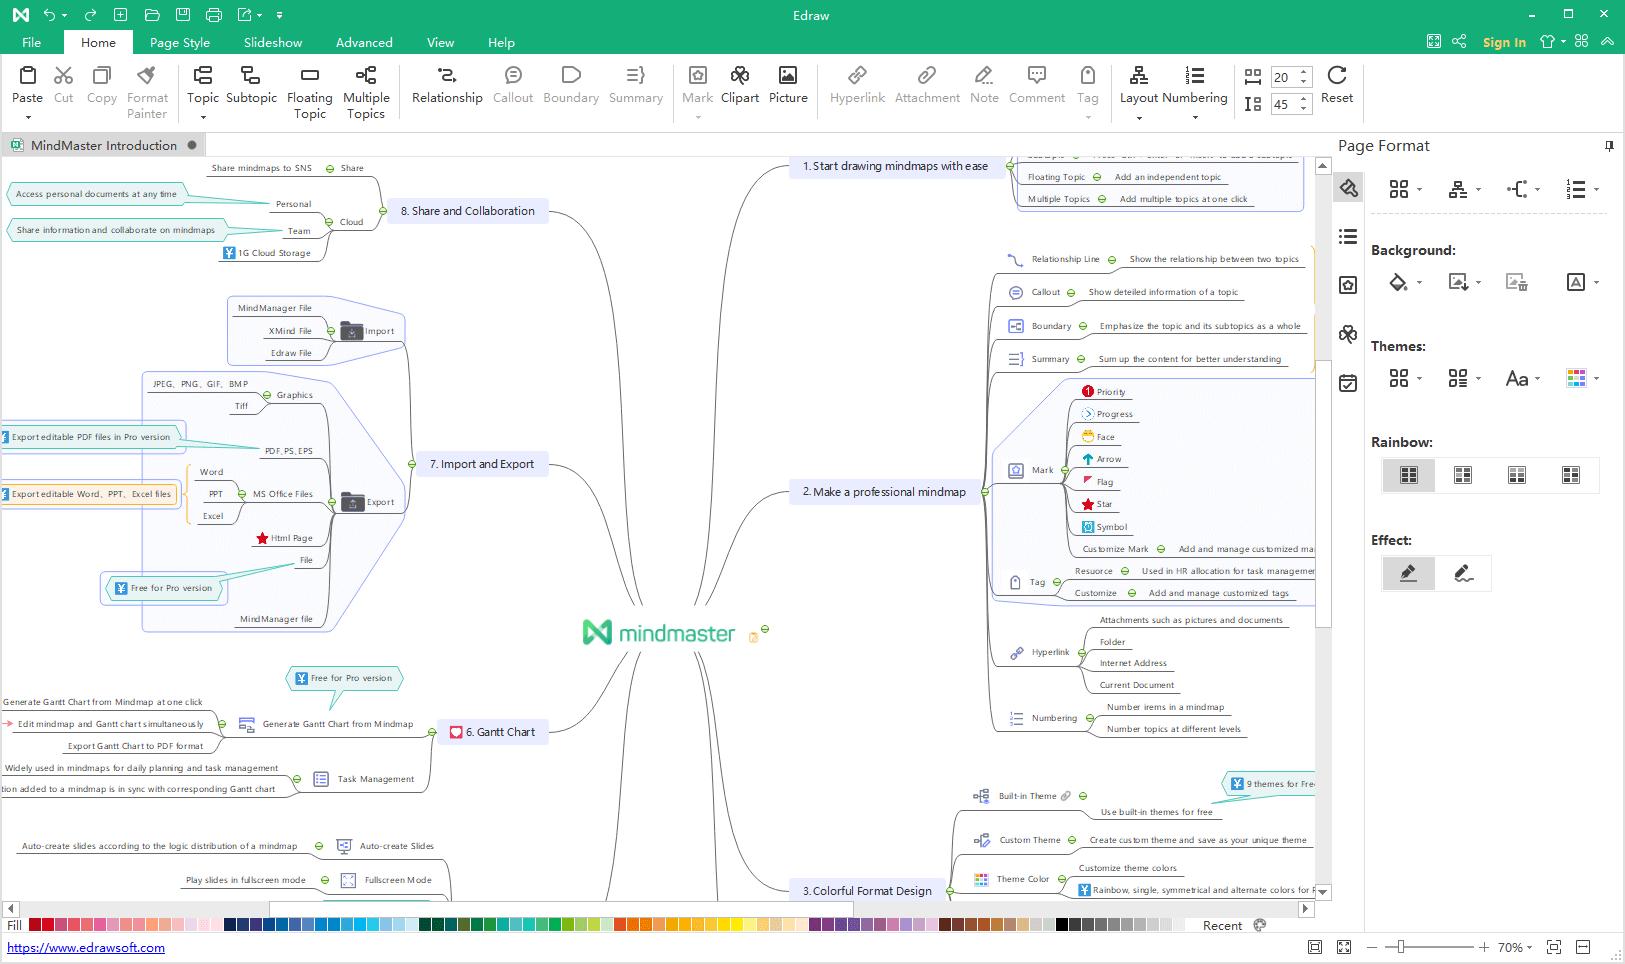 mindmaster interface